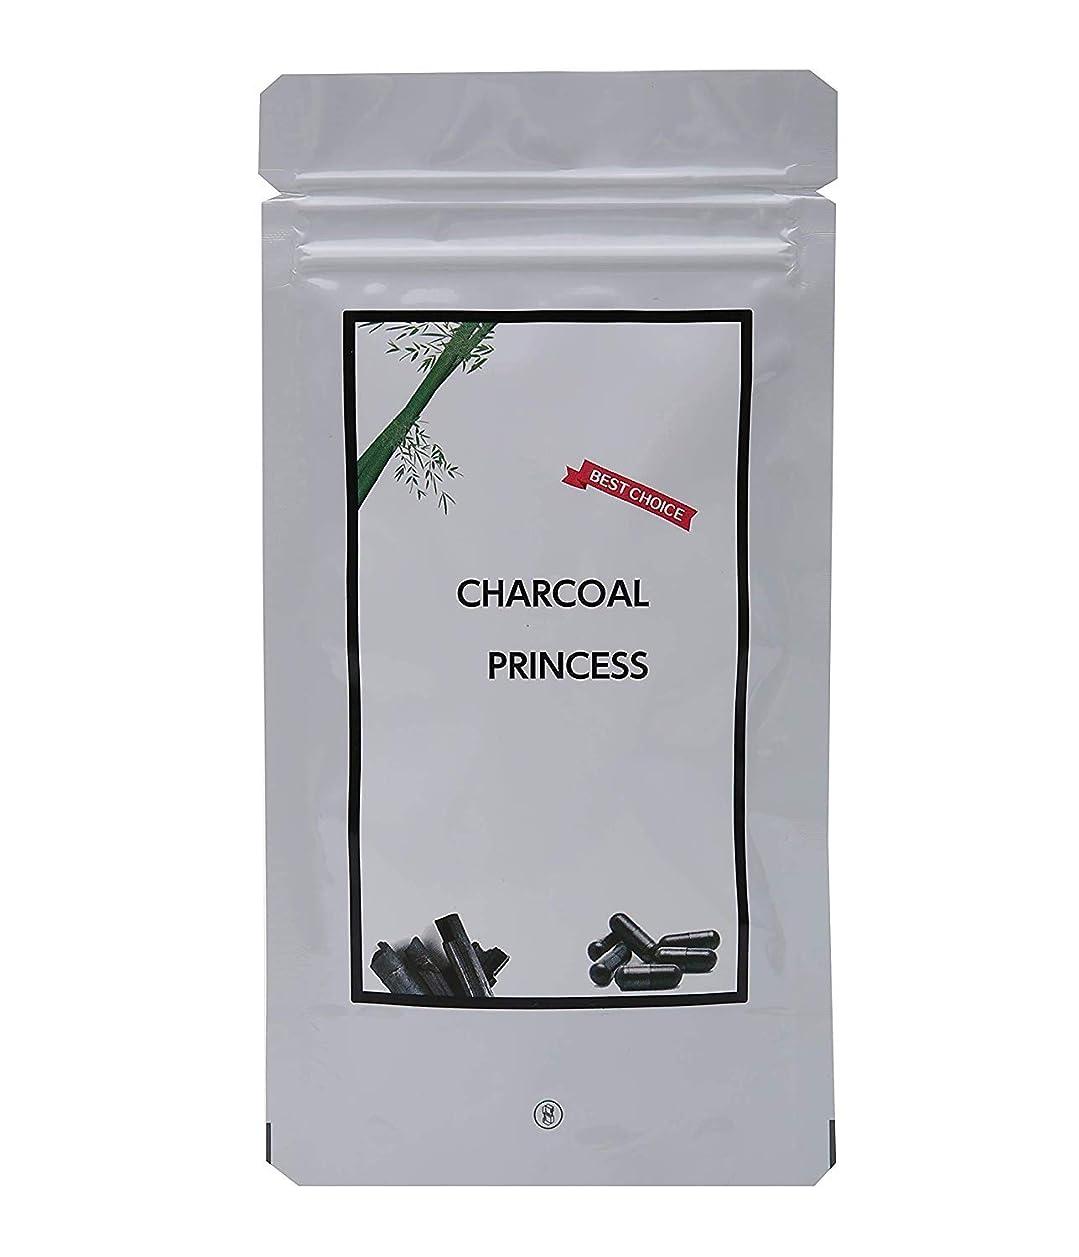 実験をするアルネ追い越すチャコールクレンズ CHARCOAL PRINCESS 竹炭粉カプセル 【90粒入】30日分